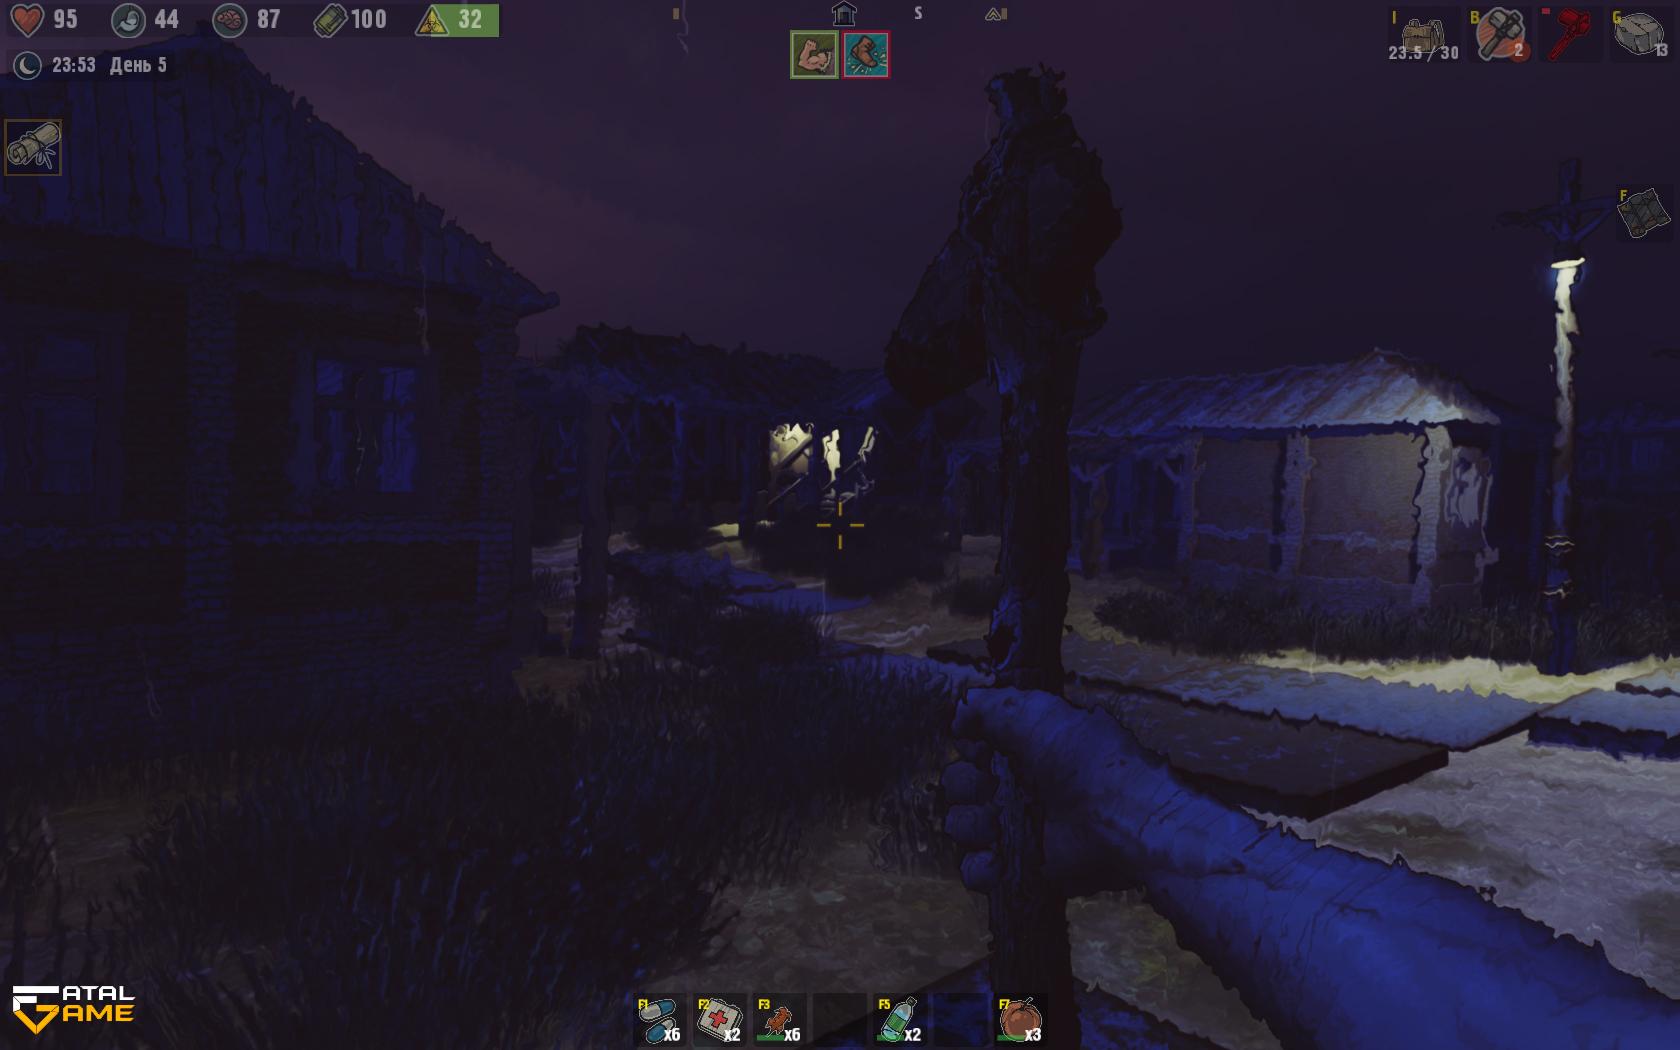 Shadows of Kurgansk По пути в убежище ночью